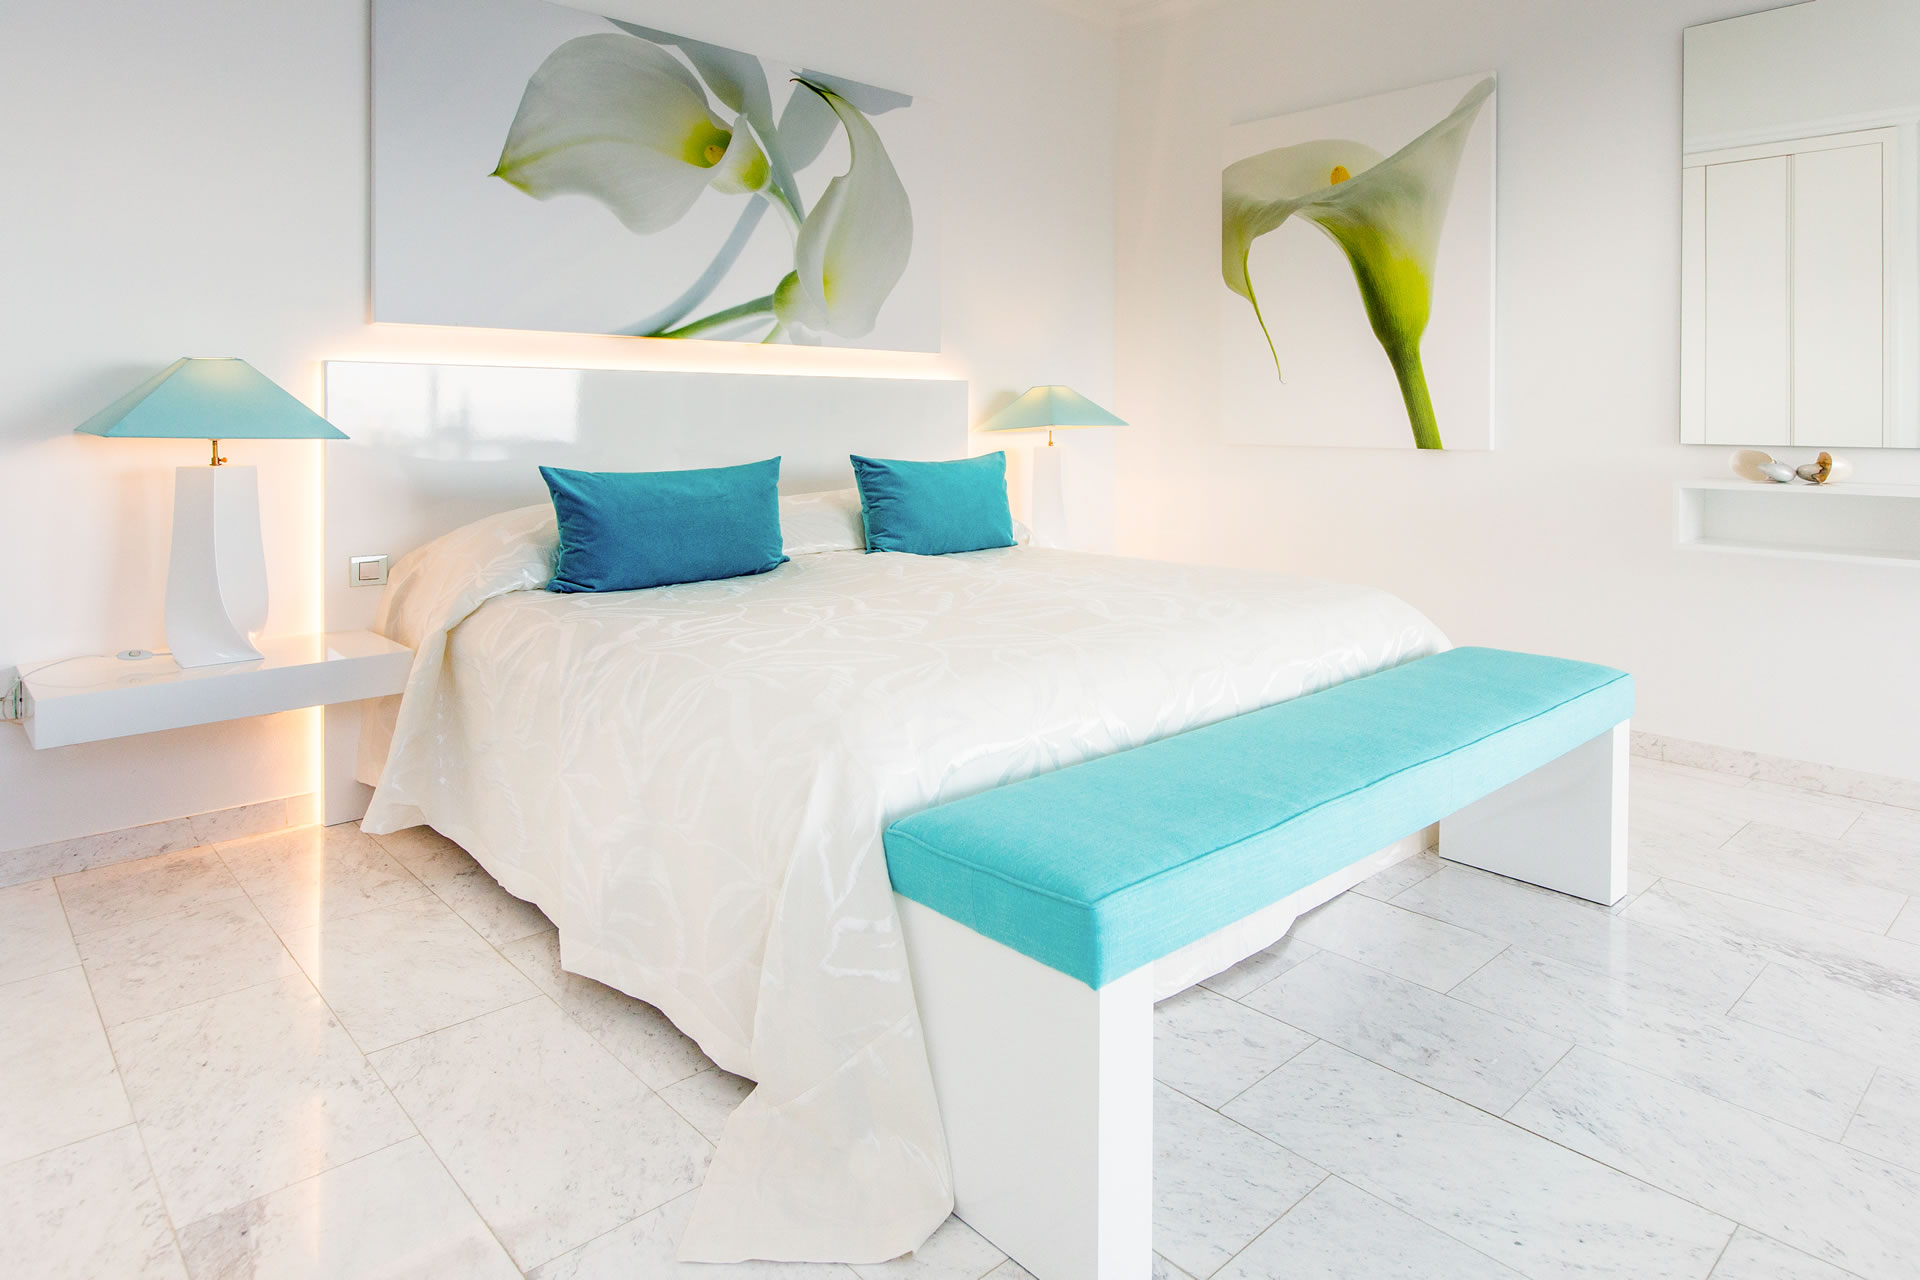 Schlafzimmer Paris Balkeneiche Günstige Bettwäsche 140x200 Trends